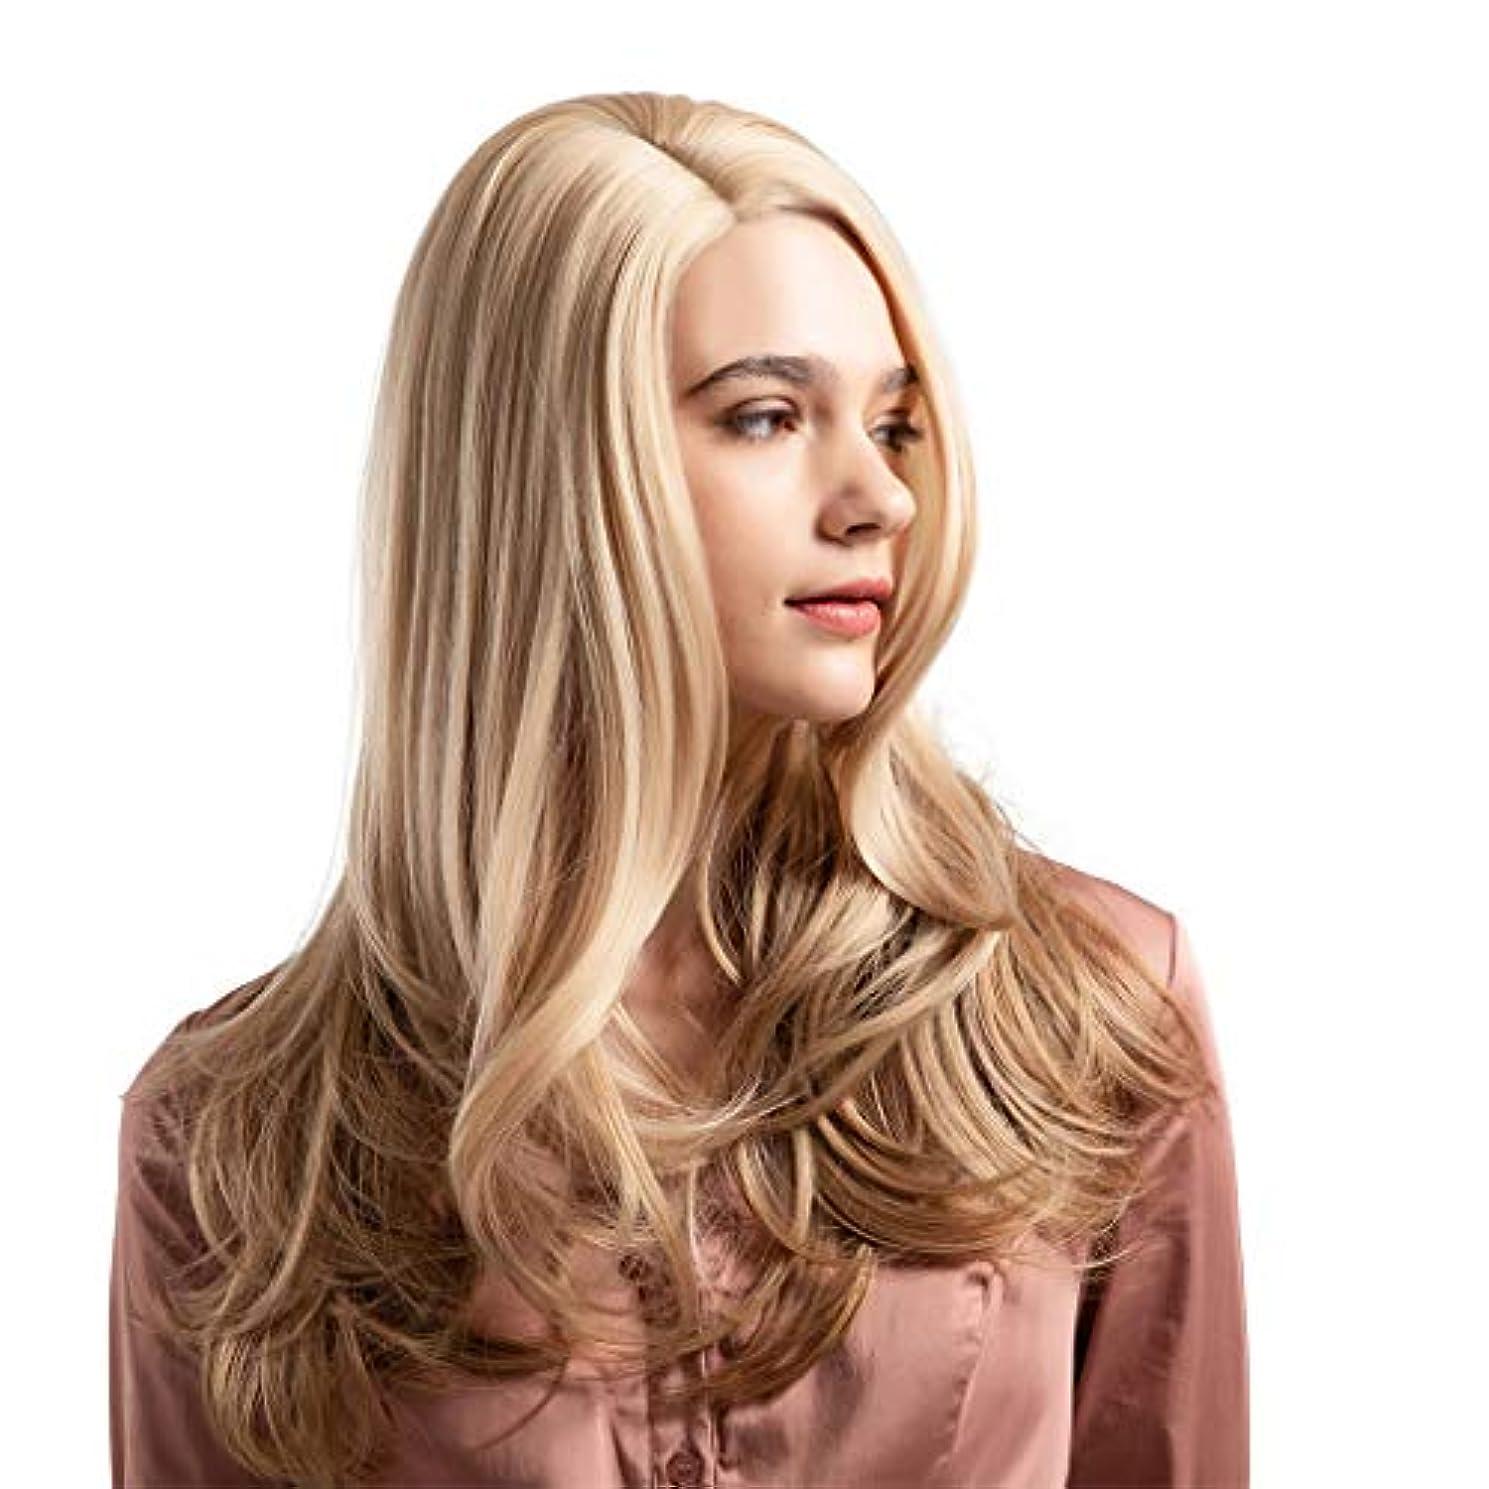 リース令状芽ウィッグ女性黄金の大きな波状の巻き毛の高温シルクウィッグ22インチ